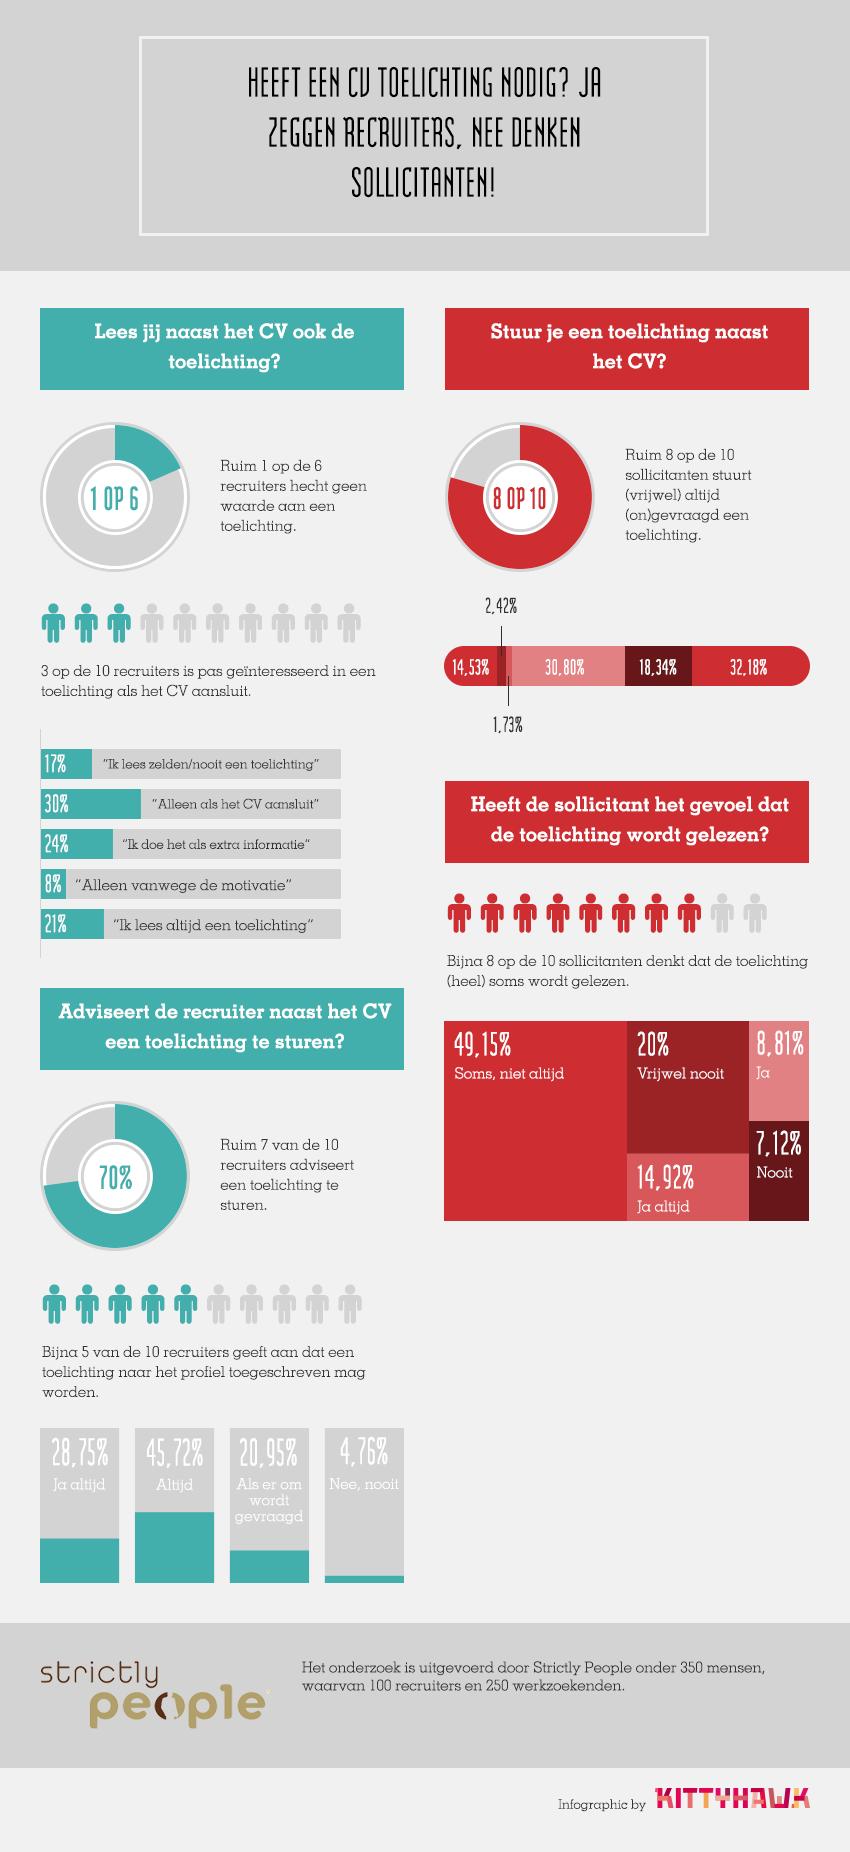 Infographic_Heeft_een_cv_toelichting_nodig